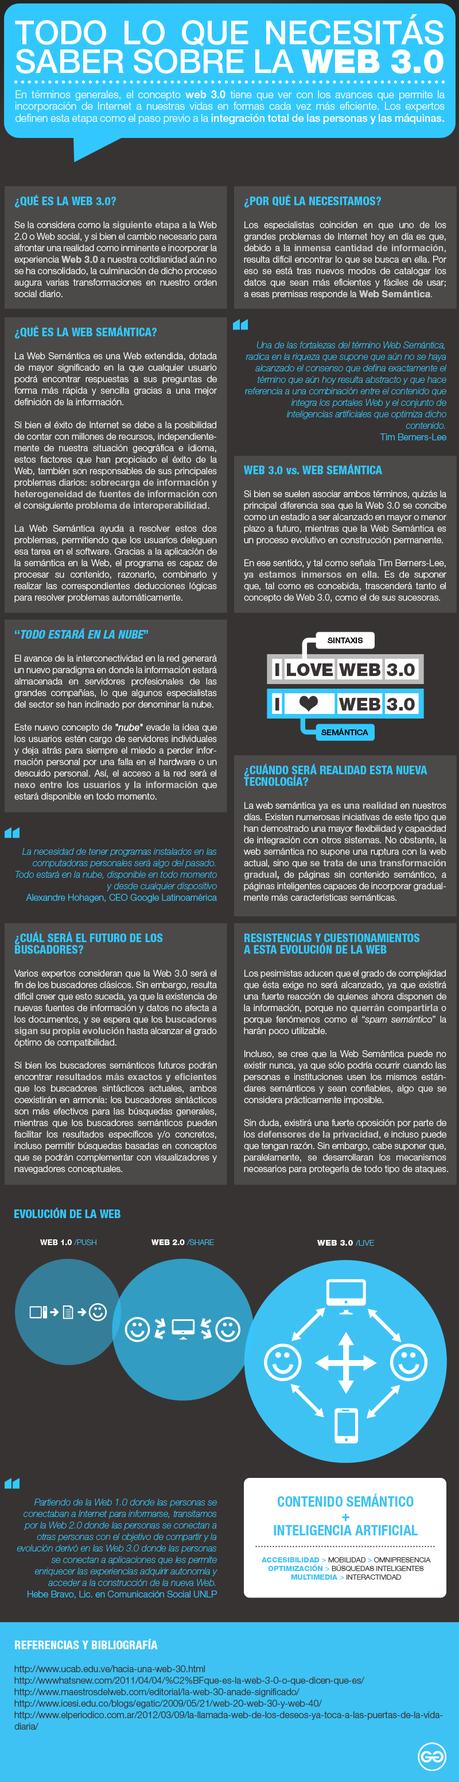 Lo que debes saber sobre la WEB 3.0 #Infografía #Internet #DiseñoWeb